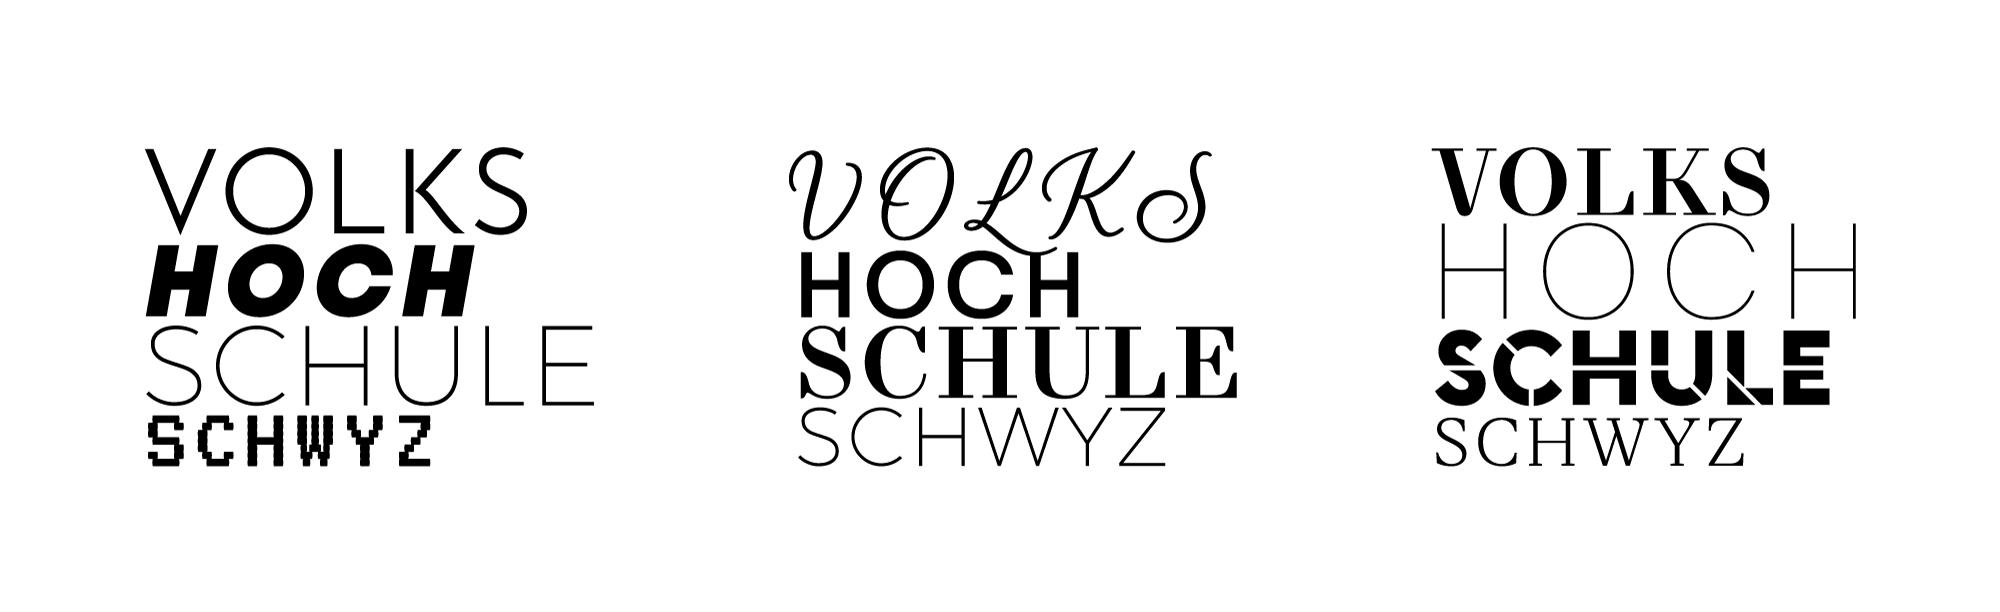 Varianten der Schriftmarke